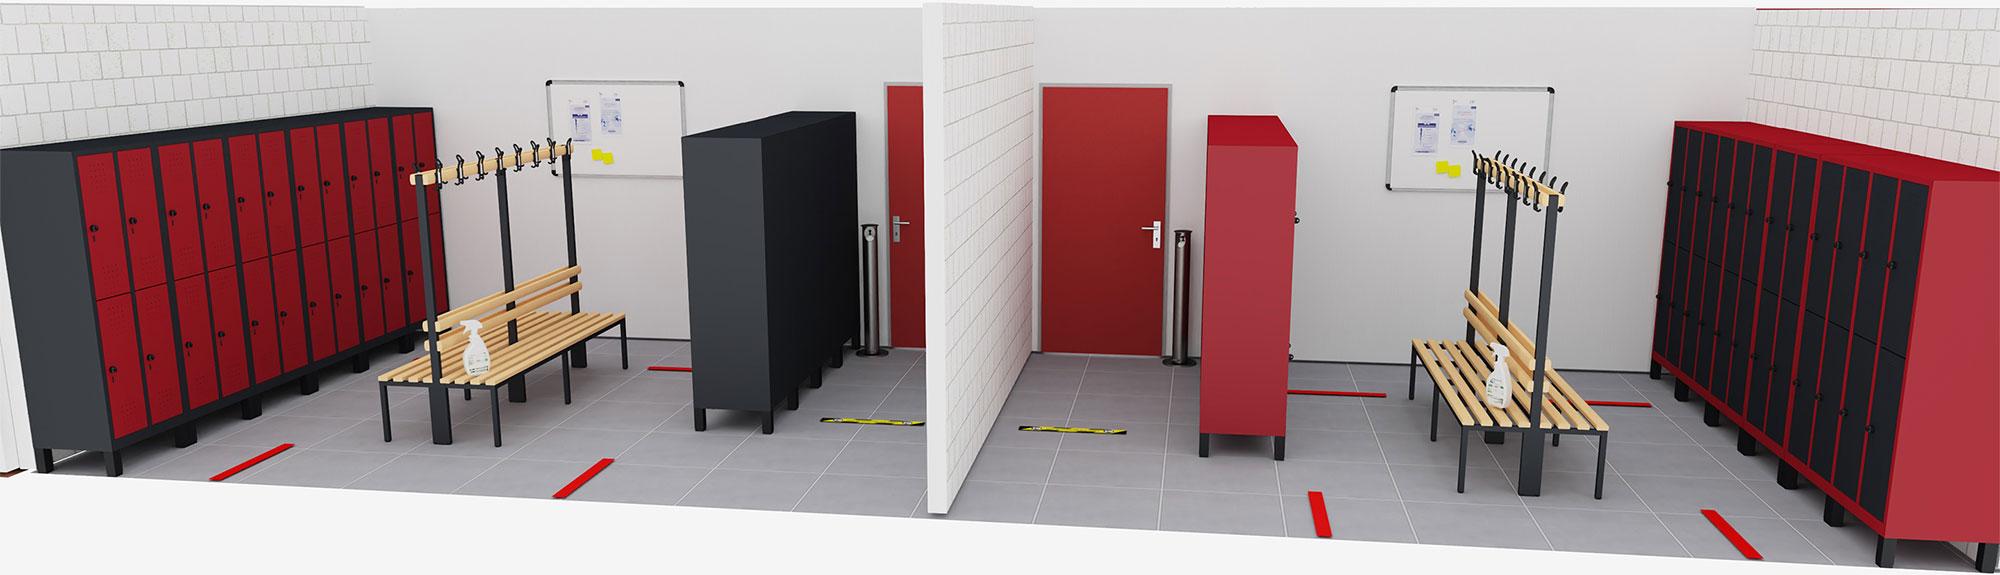 Plan d'un vestiaire en 3D